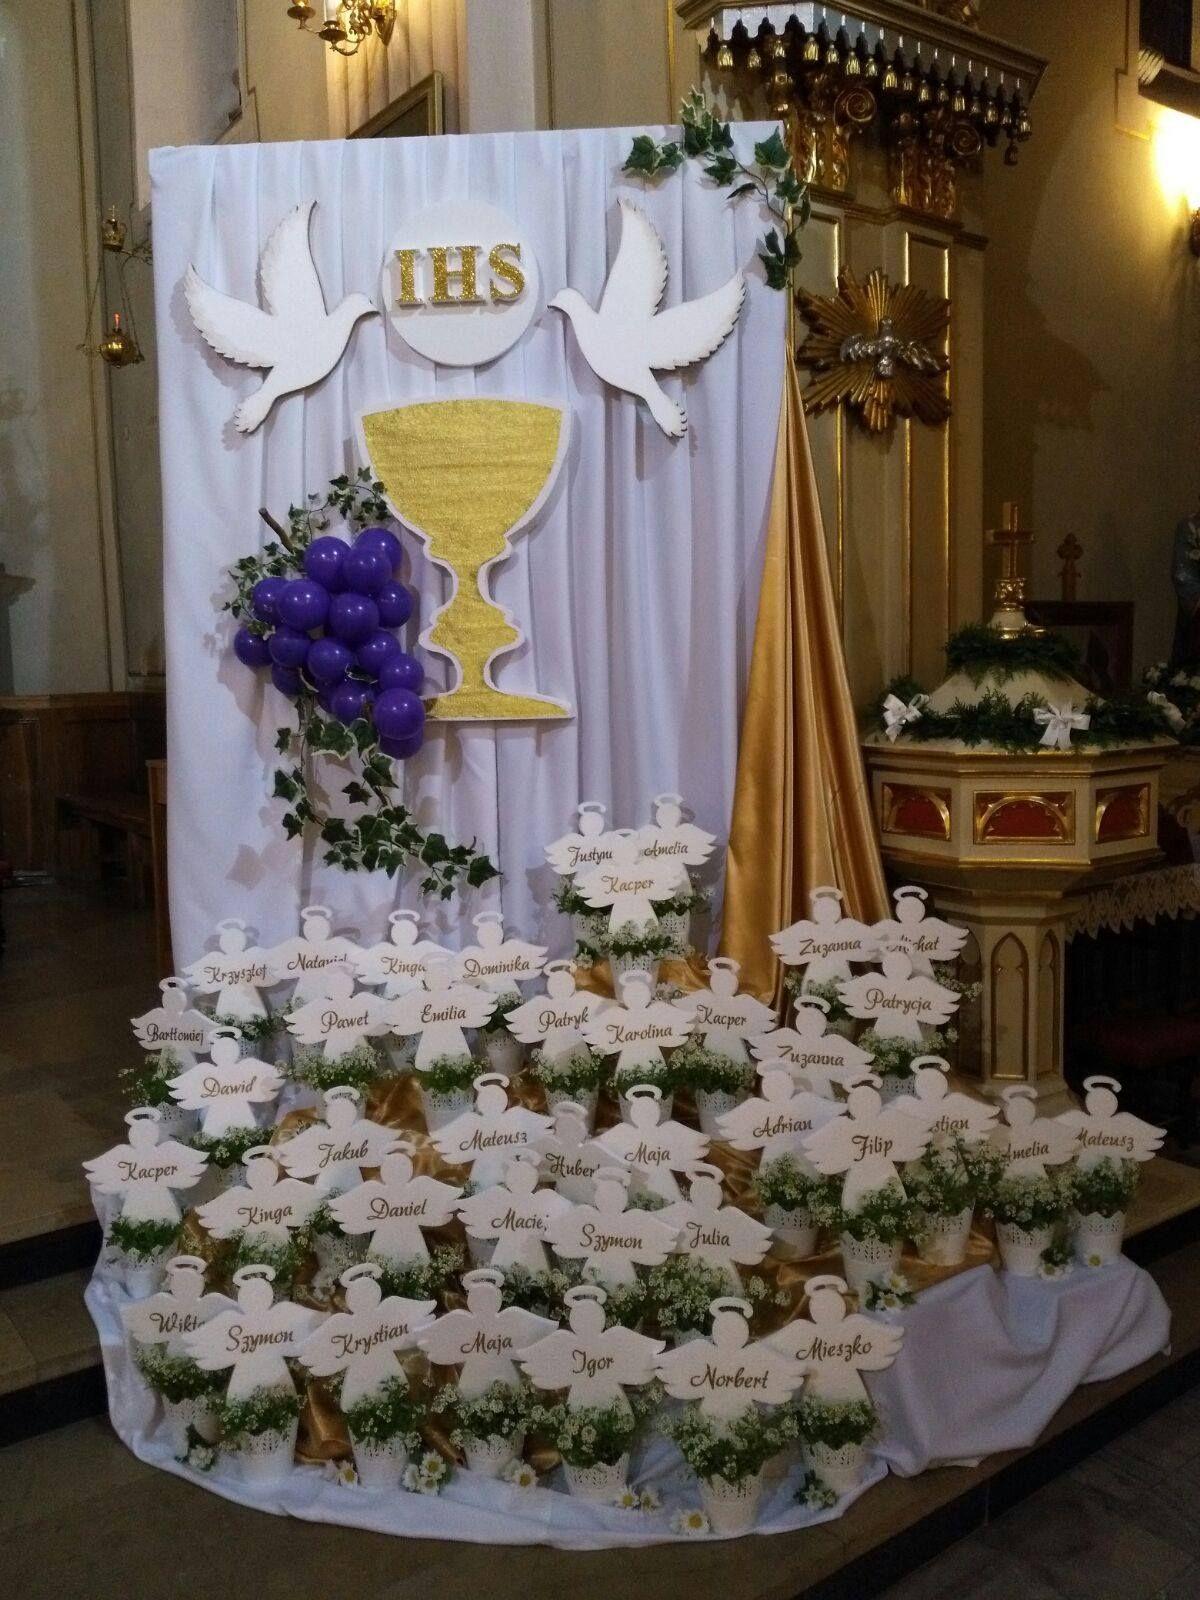 Sposob Dekoracji Kosciola Na Pierwsza Komunie Swieta First Communion Decorations Communion Decorations Altar Decorations